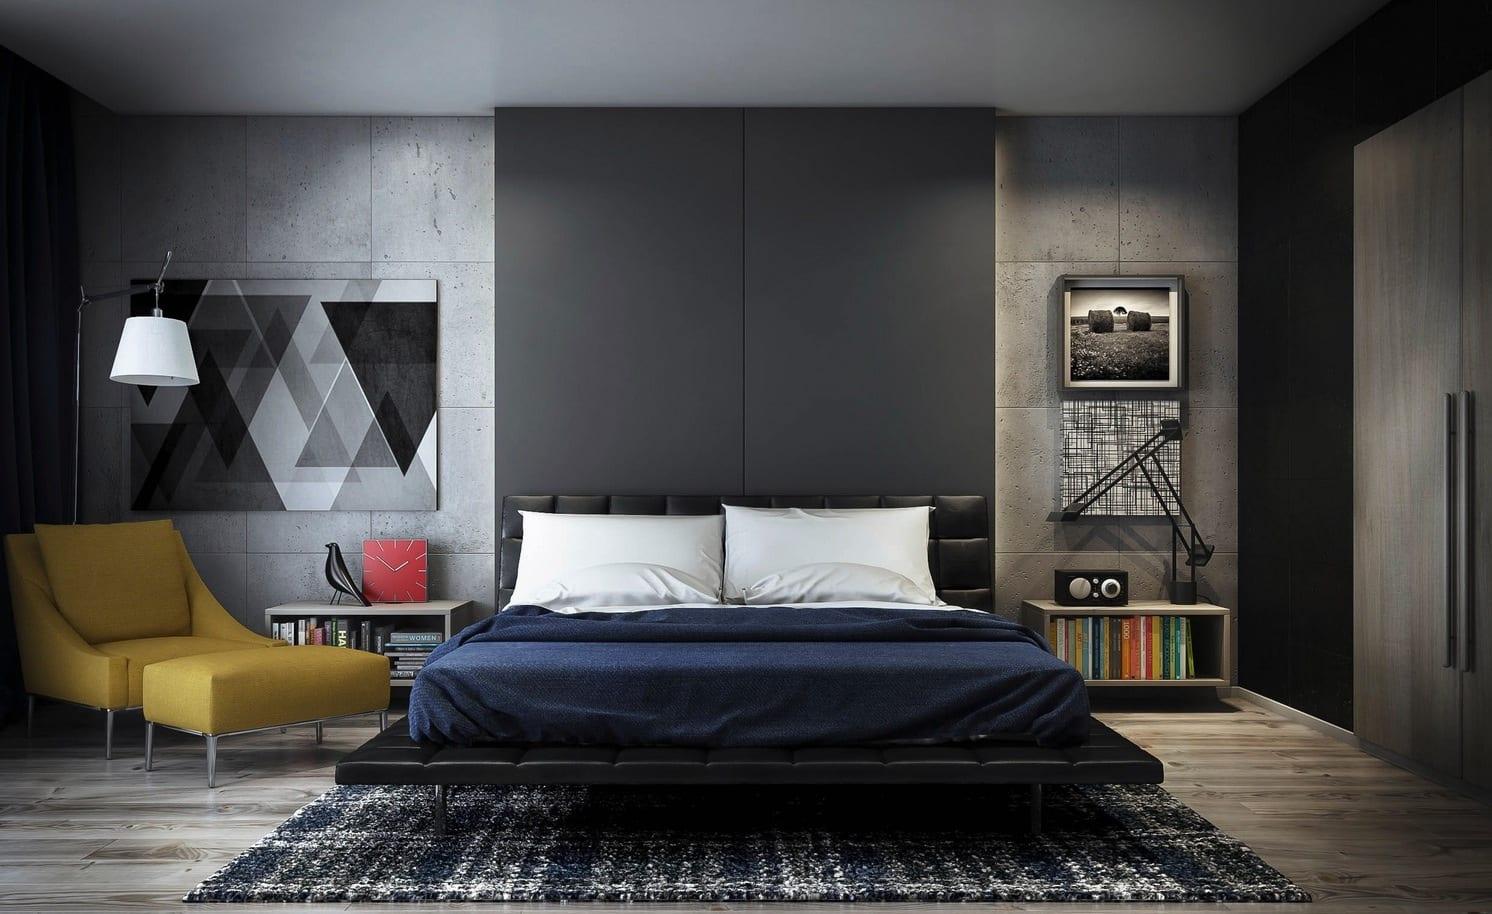 schlafzimmer grau mit holzboden und wände aus beton-lederbett schwarz- wandfarbe schwarz-polstersessel gelb